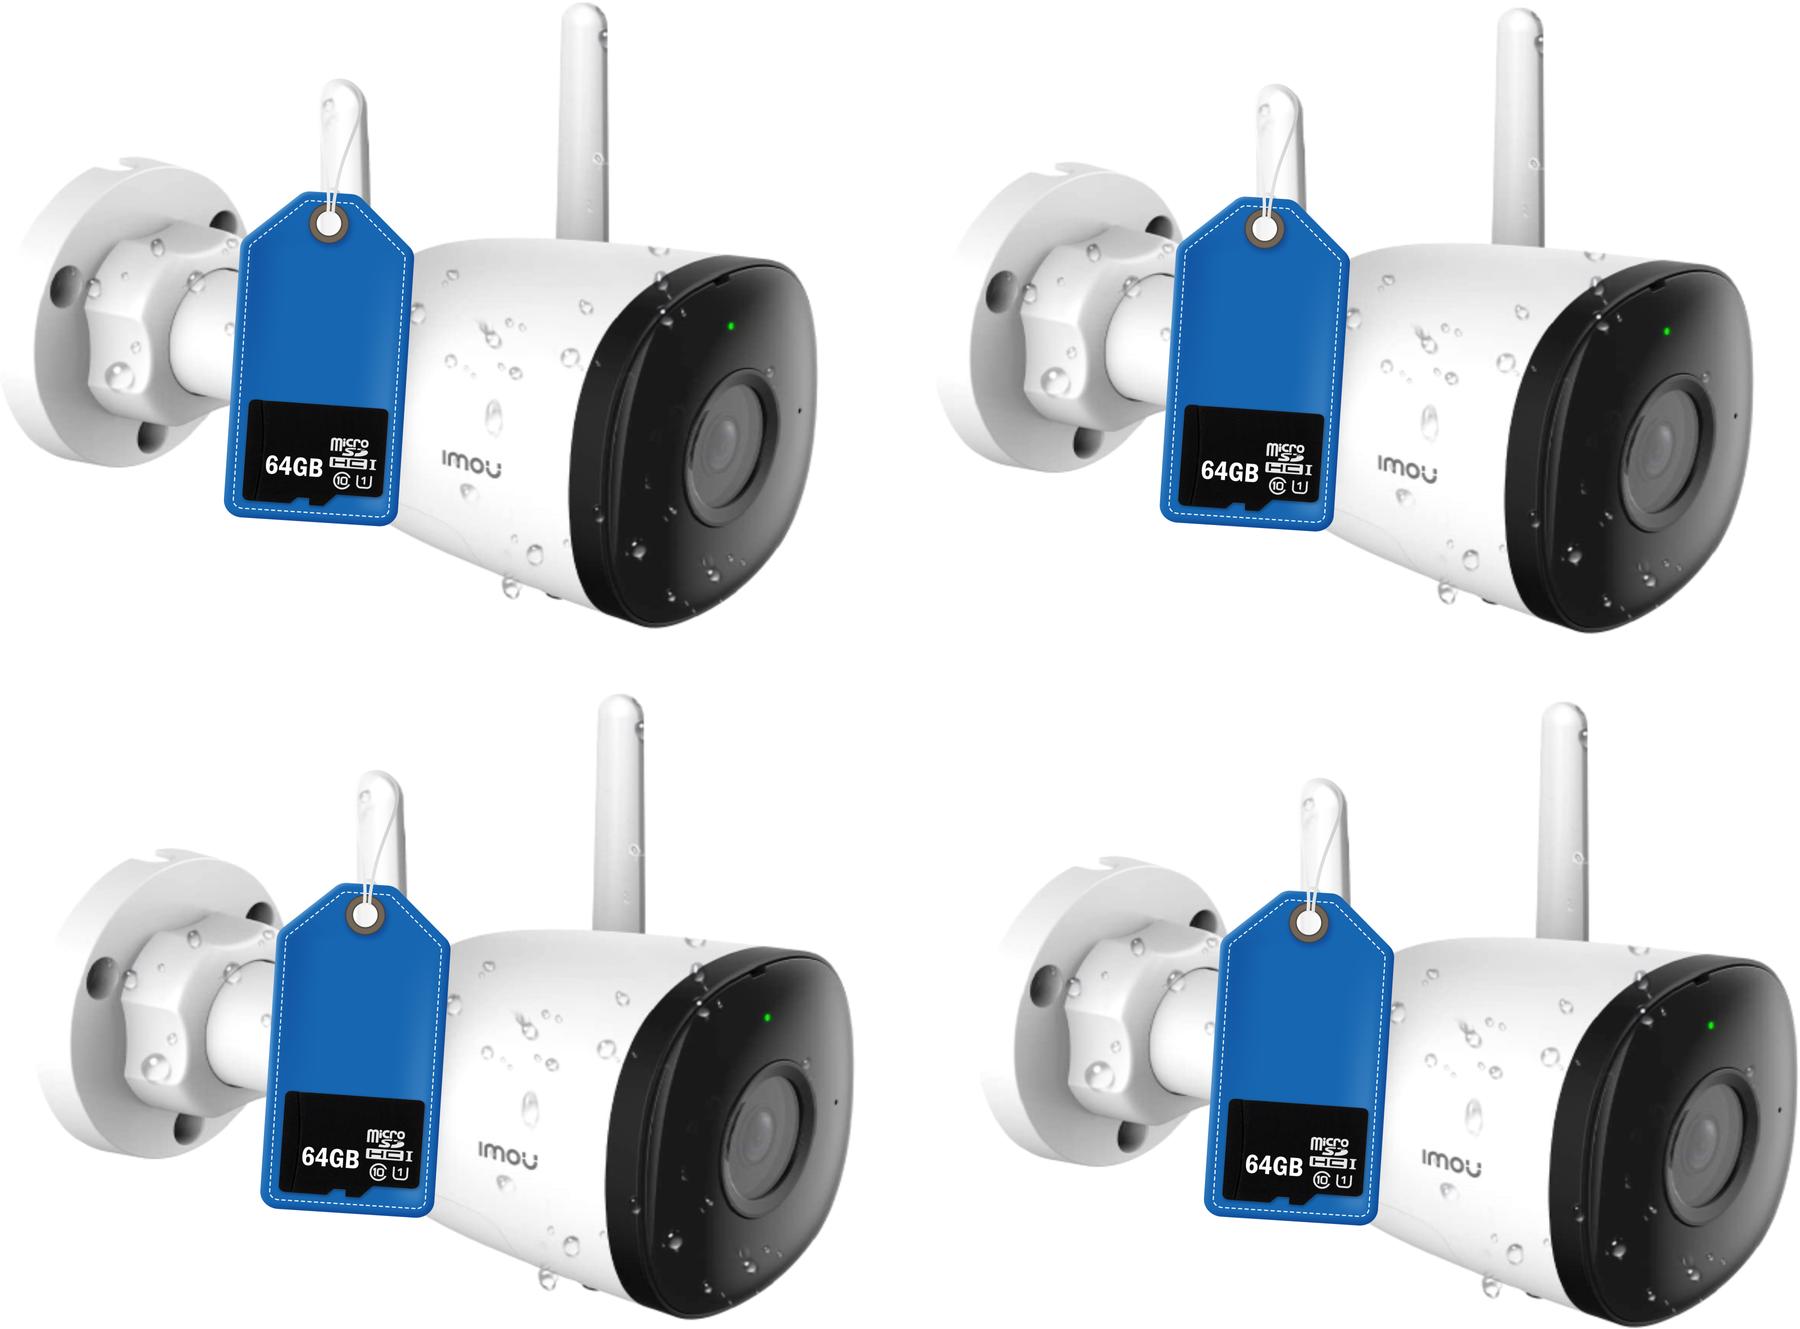 Лучшая система видеонаблюдения и 6 других категорий товаров на сайте «CAMERY.COM.UA»